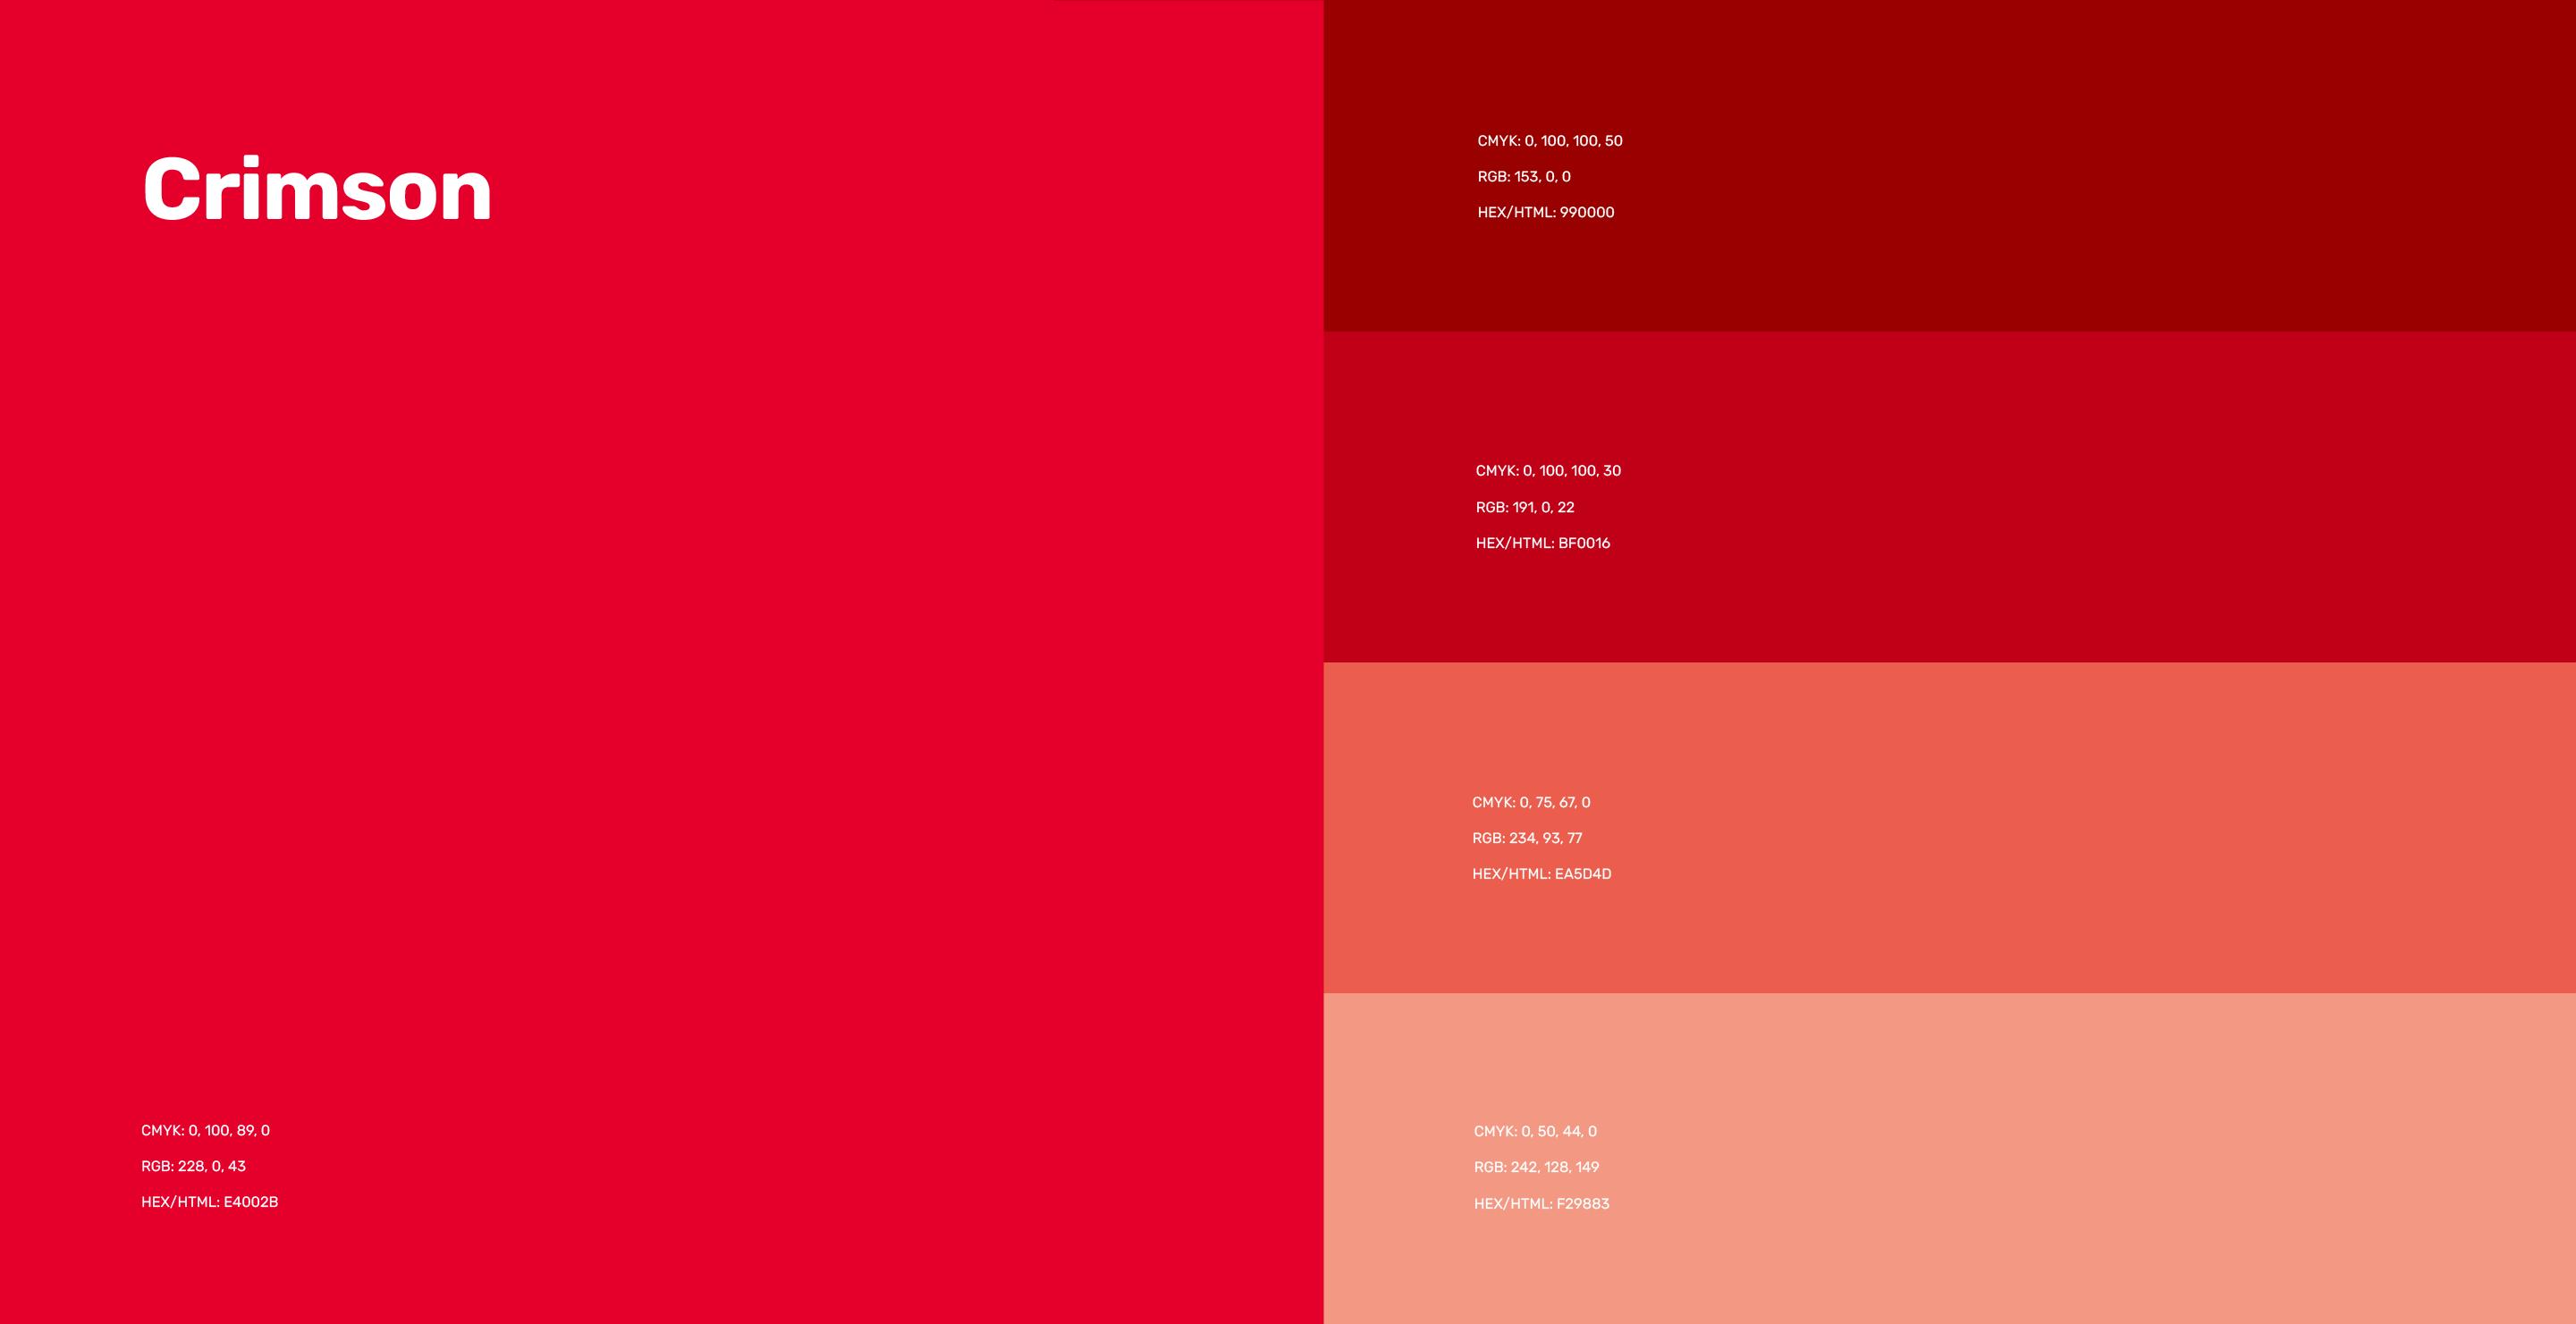 07-cores-tintas-oliveira-vermelho